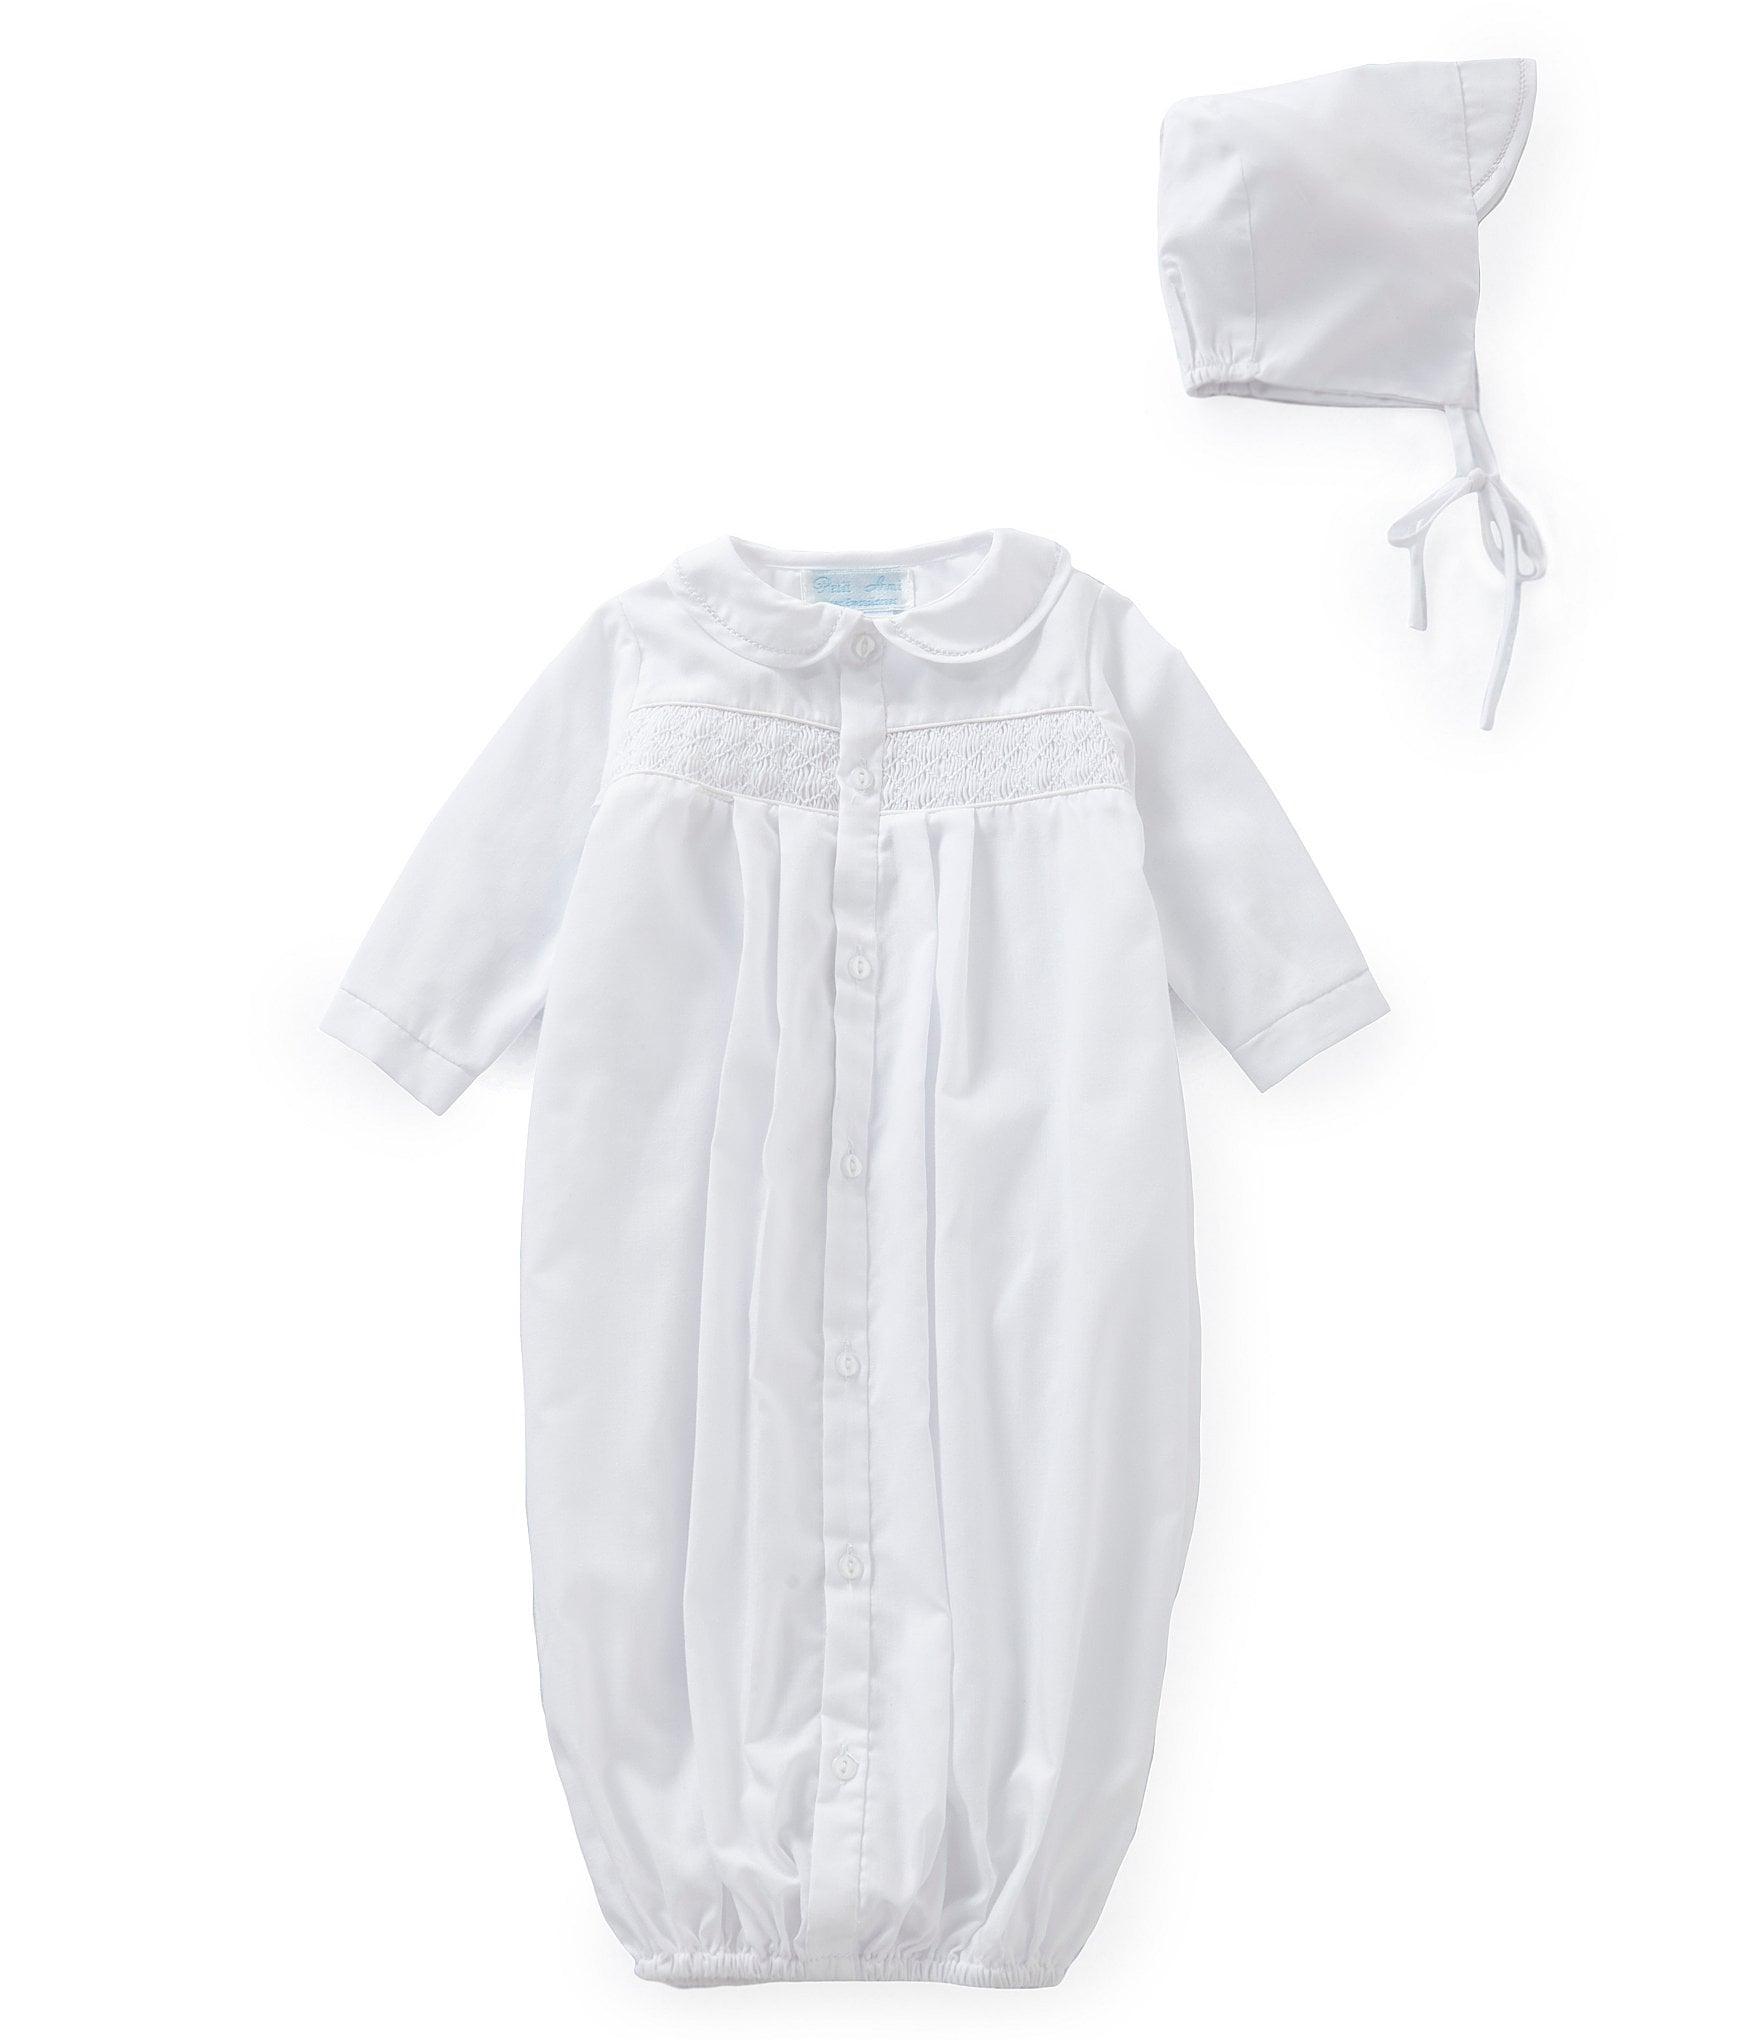 d4a4191912f9c Petit Ami Baby | Dillard's